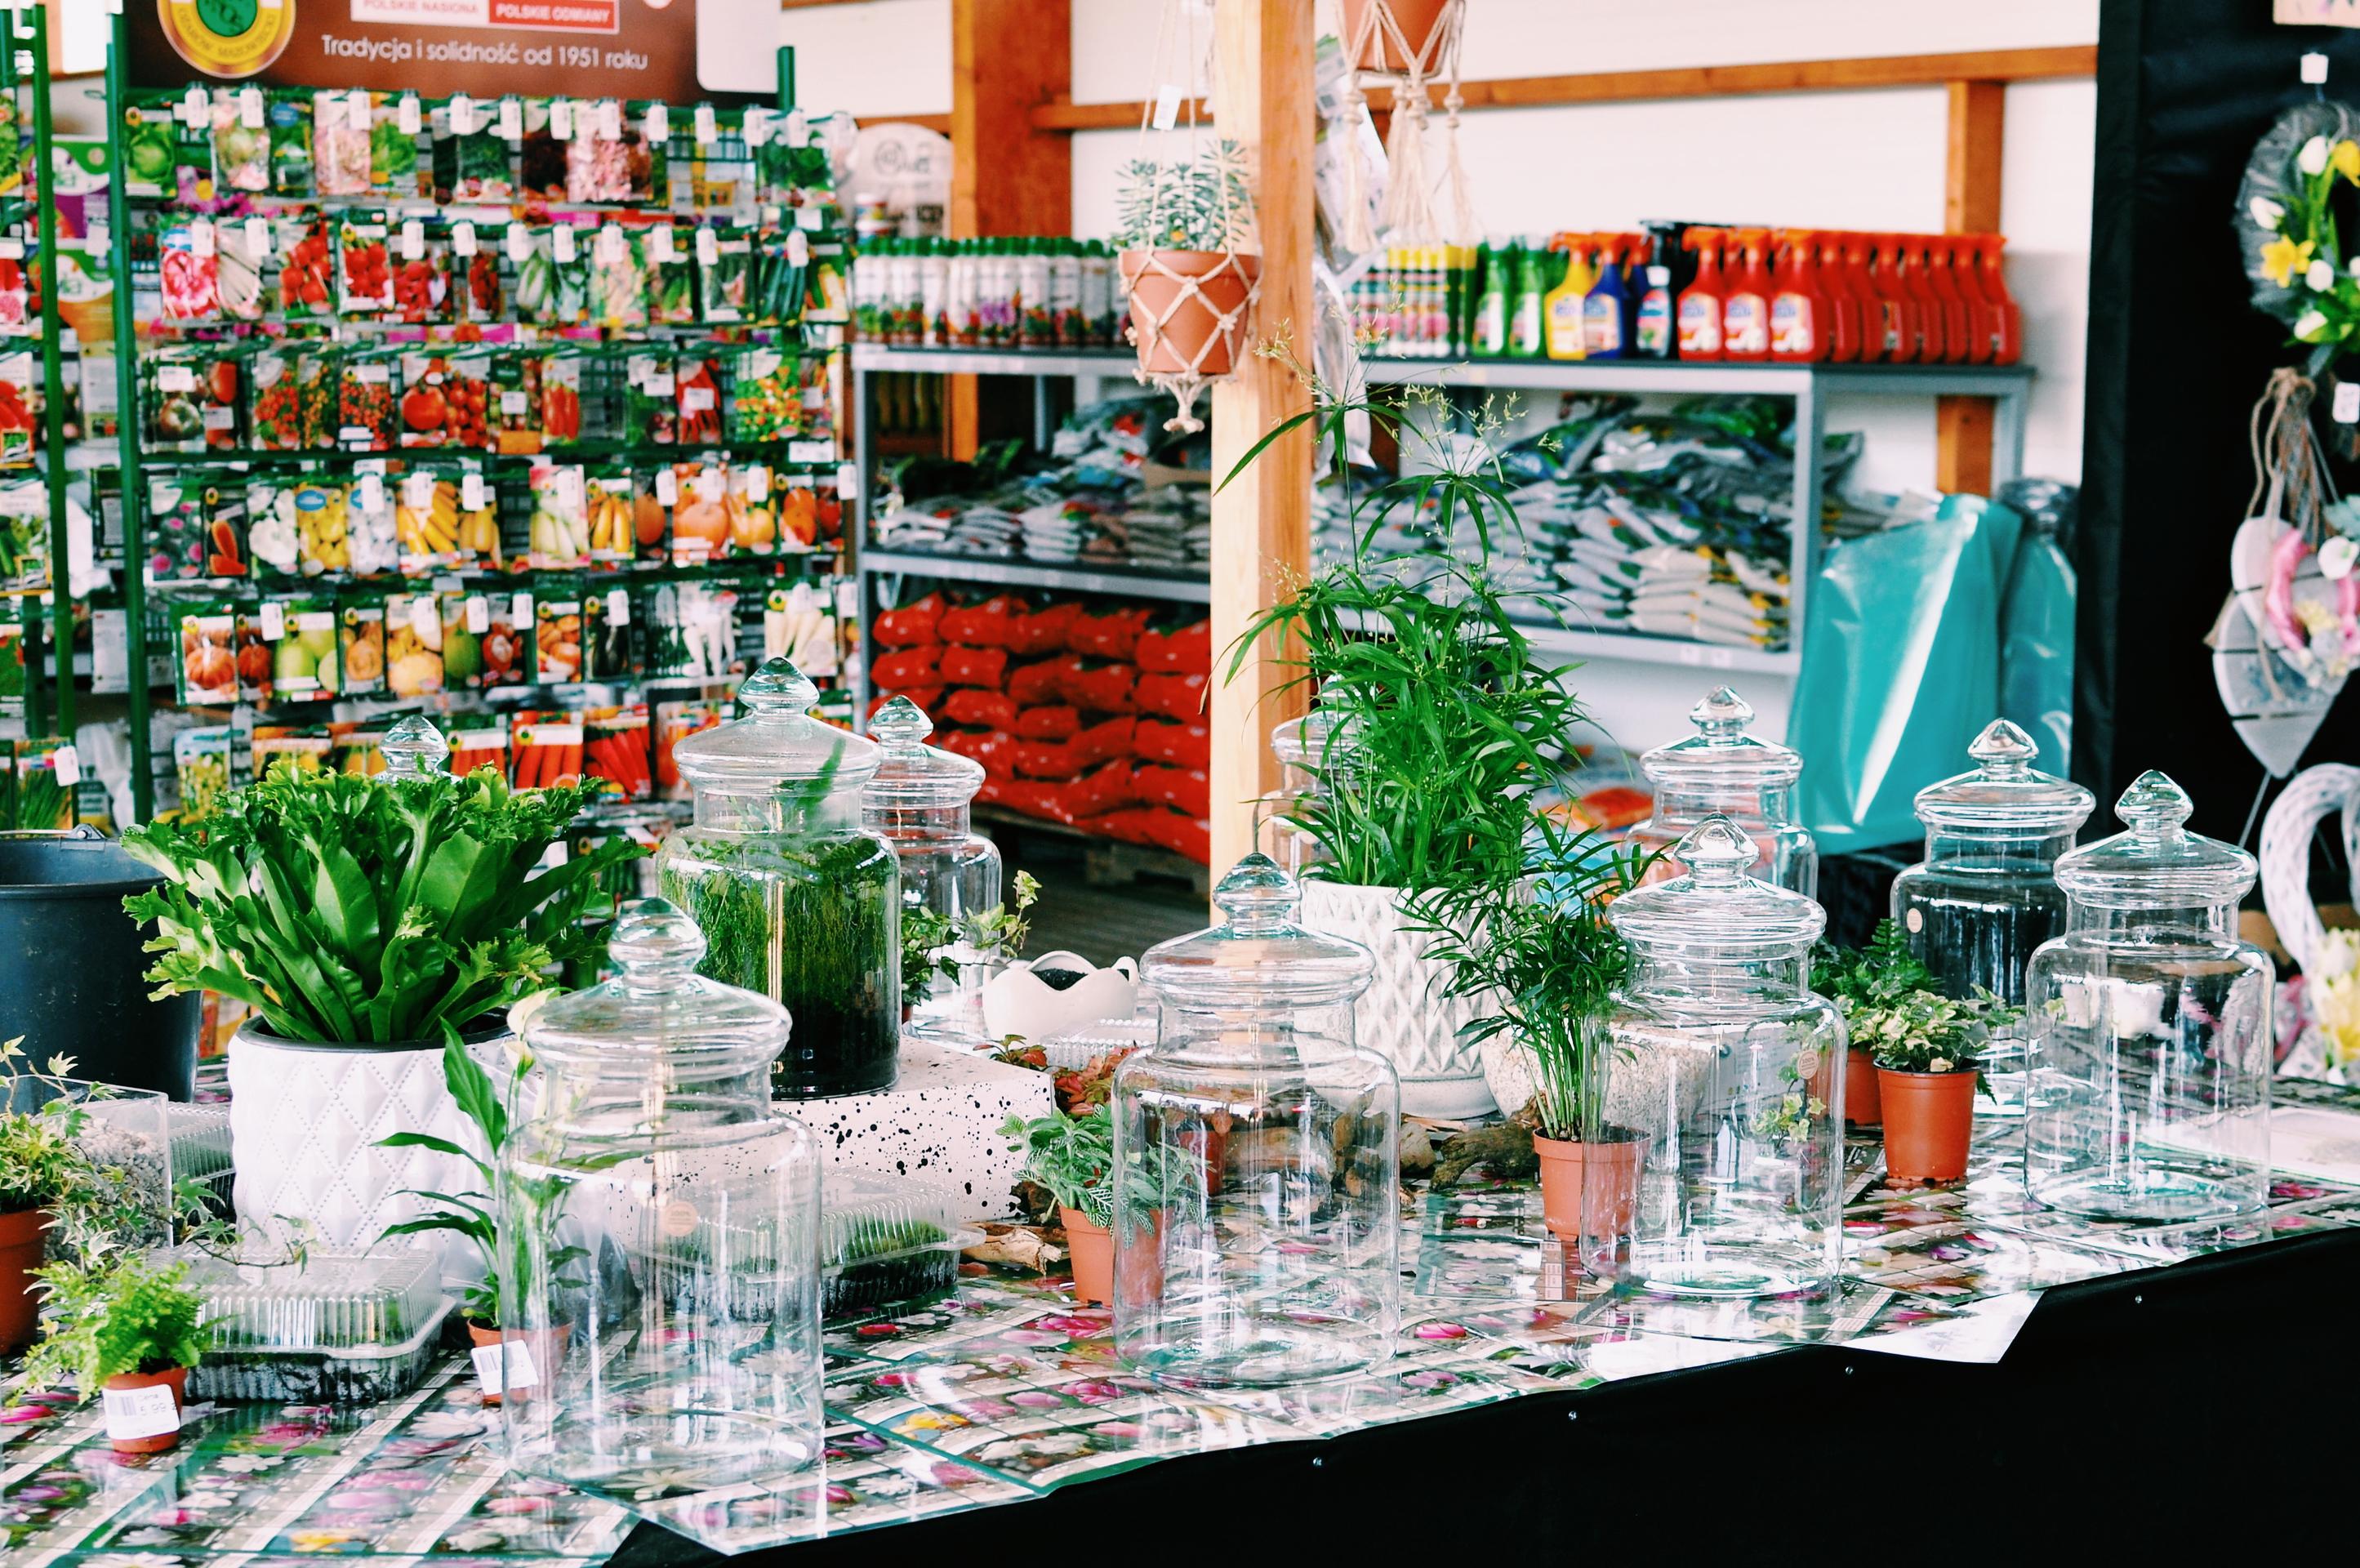 Ogrody w szkle - Warsztaty w Zielonym Zakątku